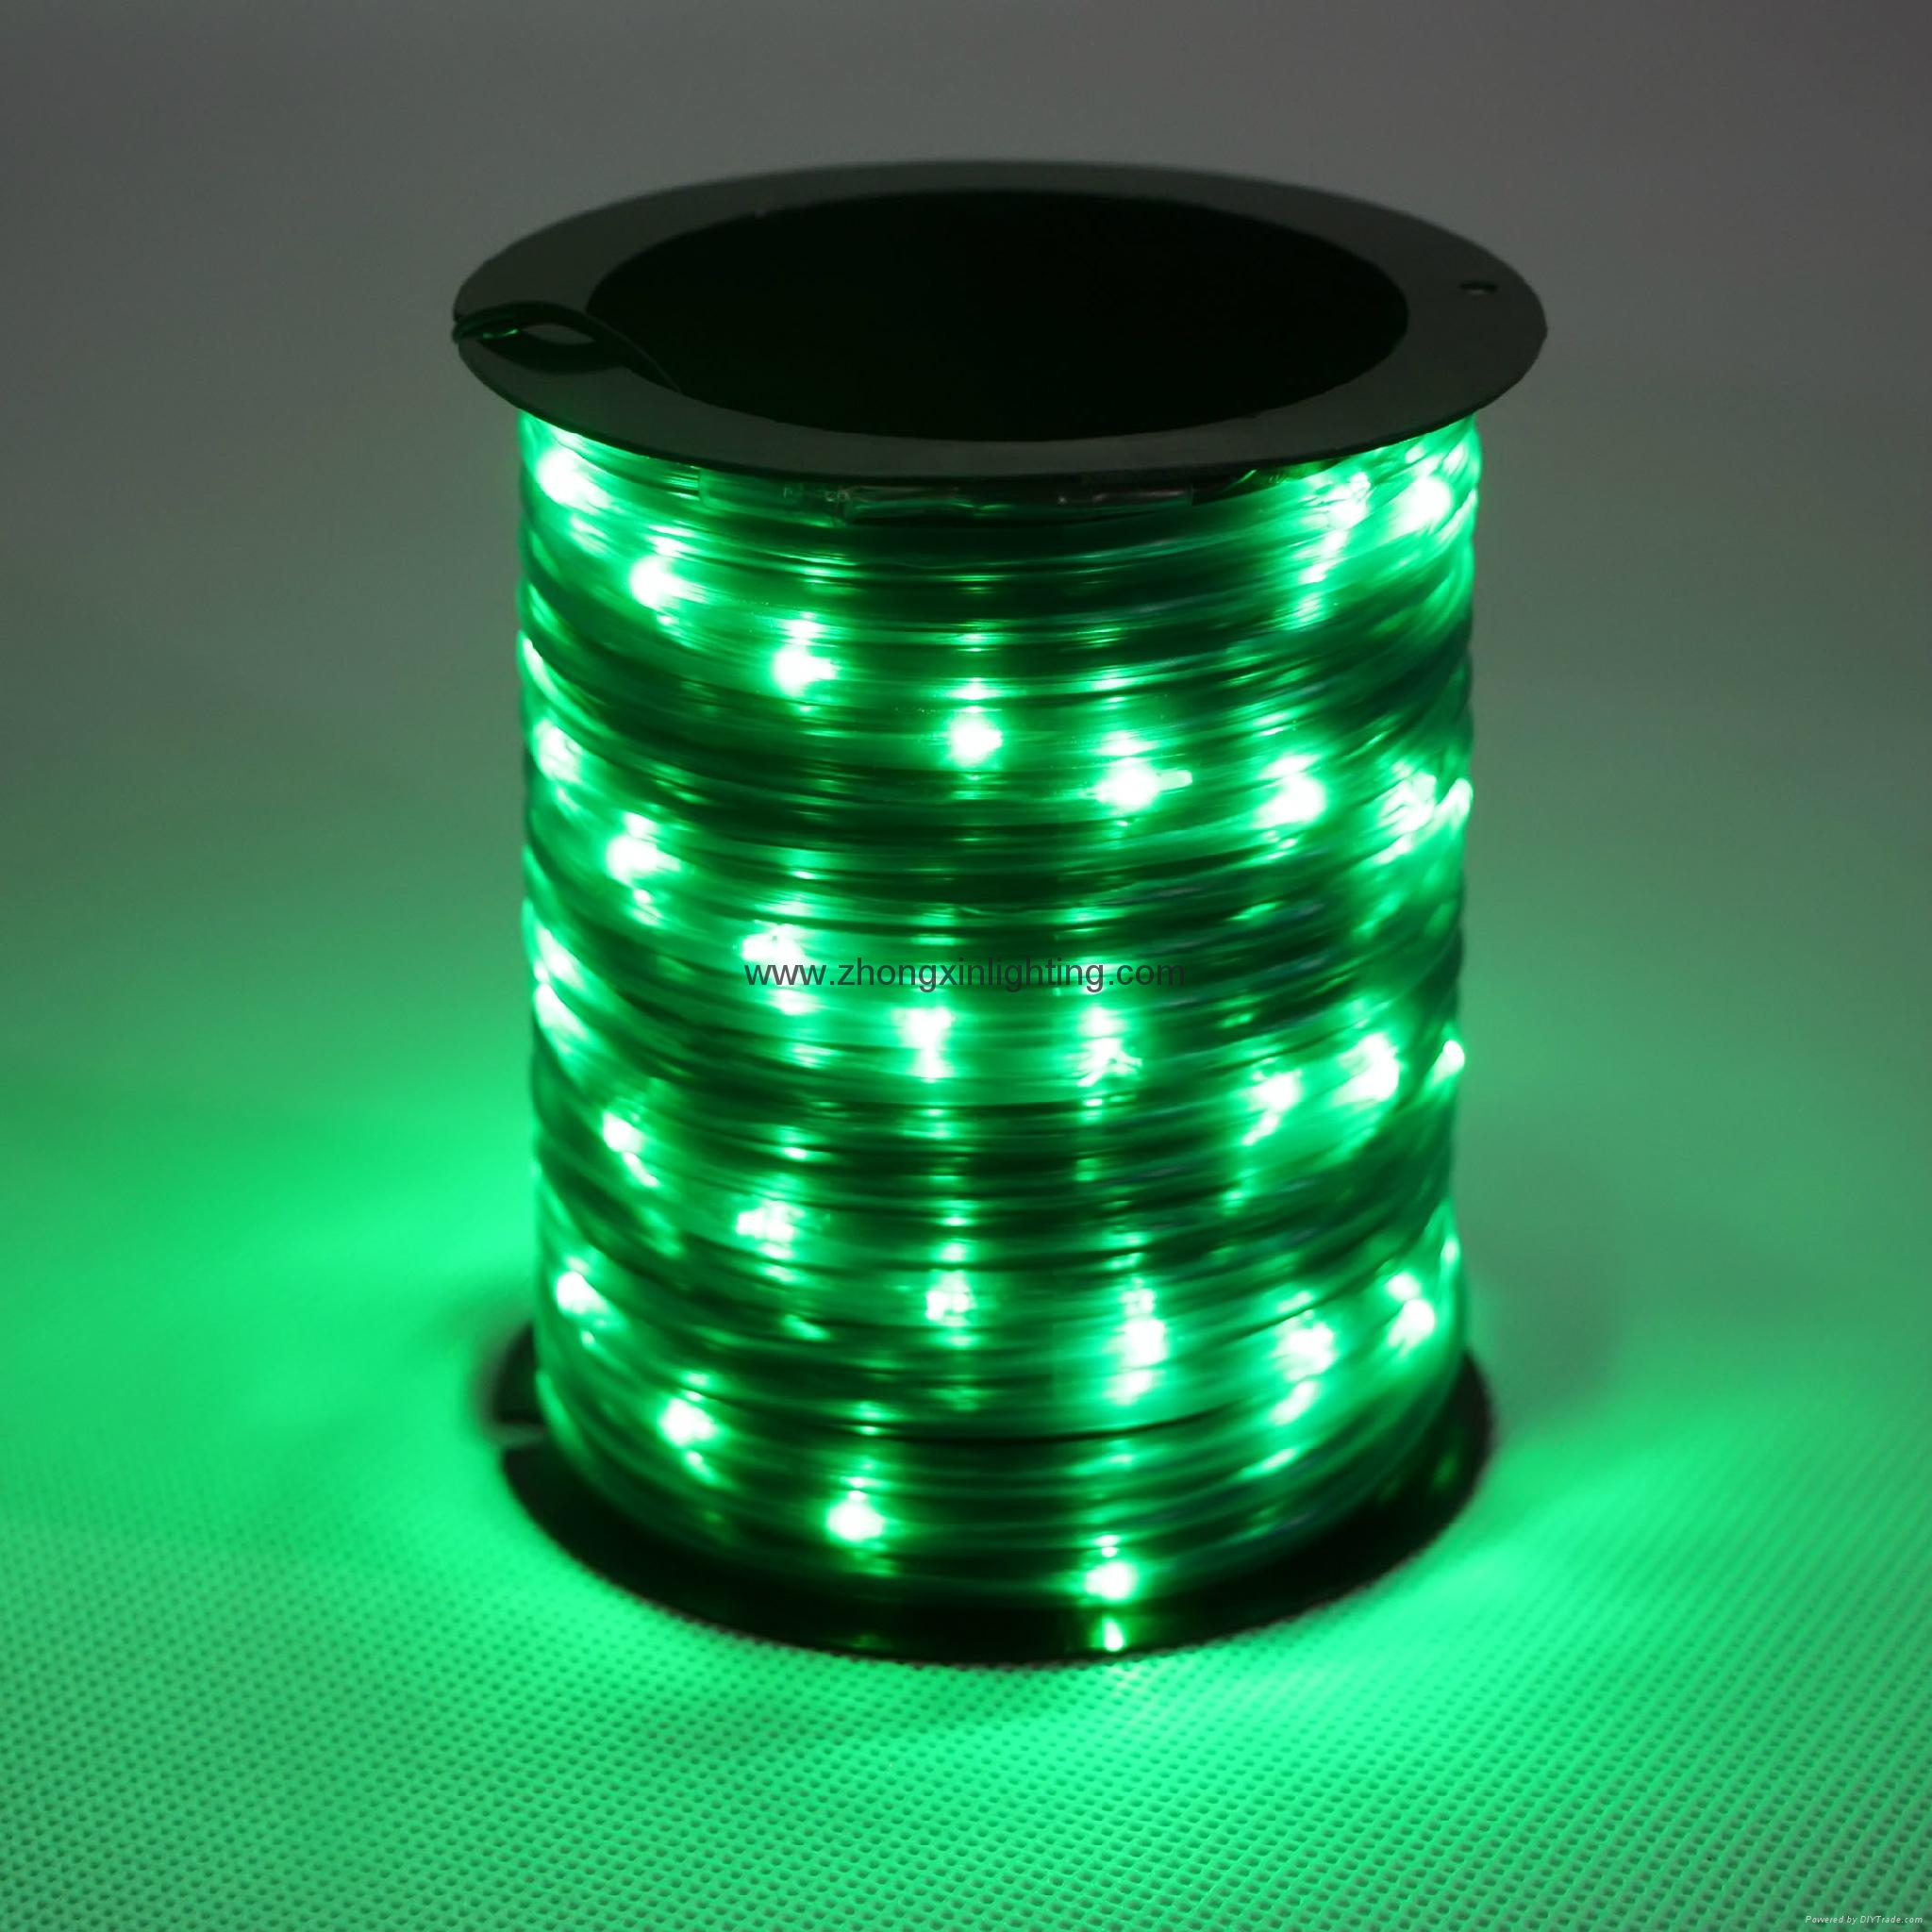 Christmas Decoration Light-BO 67 Miro Mini Green LED Rope Light 1